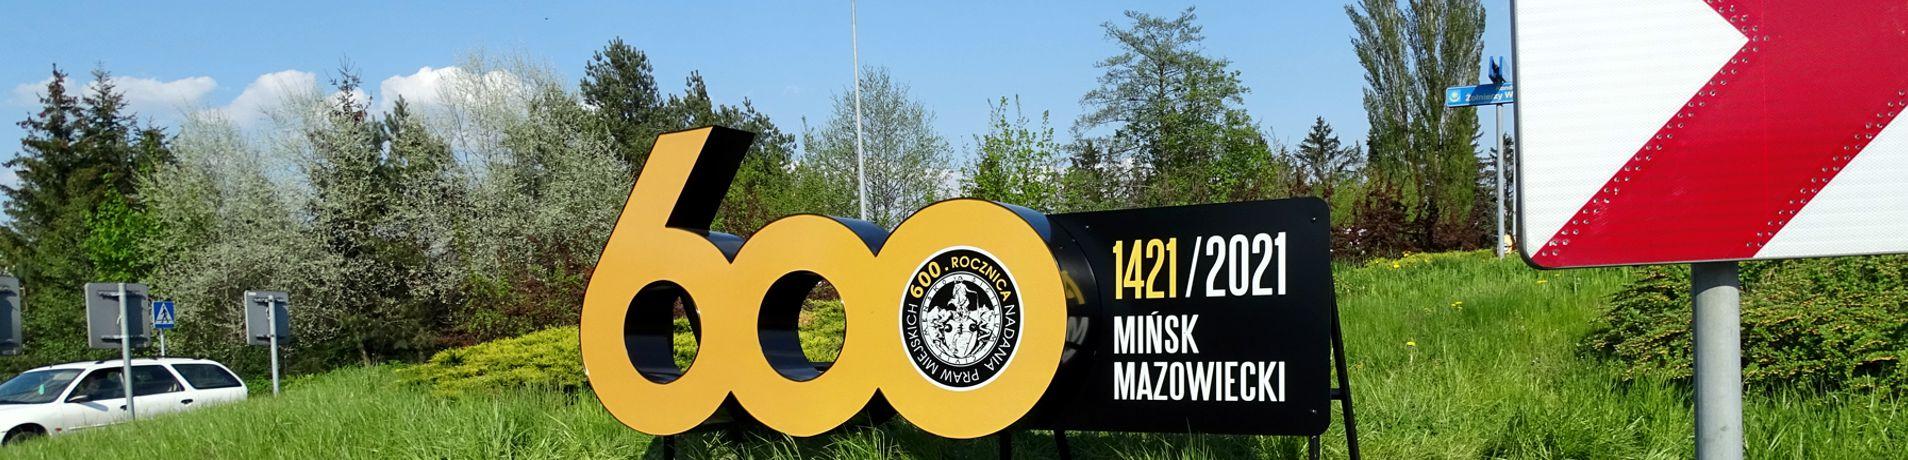 Przestrzenna reklama zewnetrzna Miasta Mińsk Mazowiecki